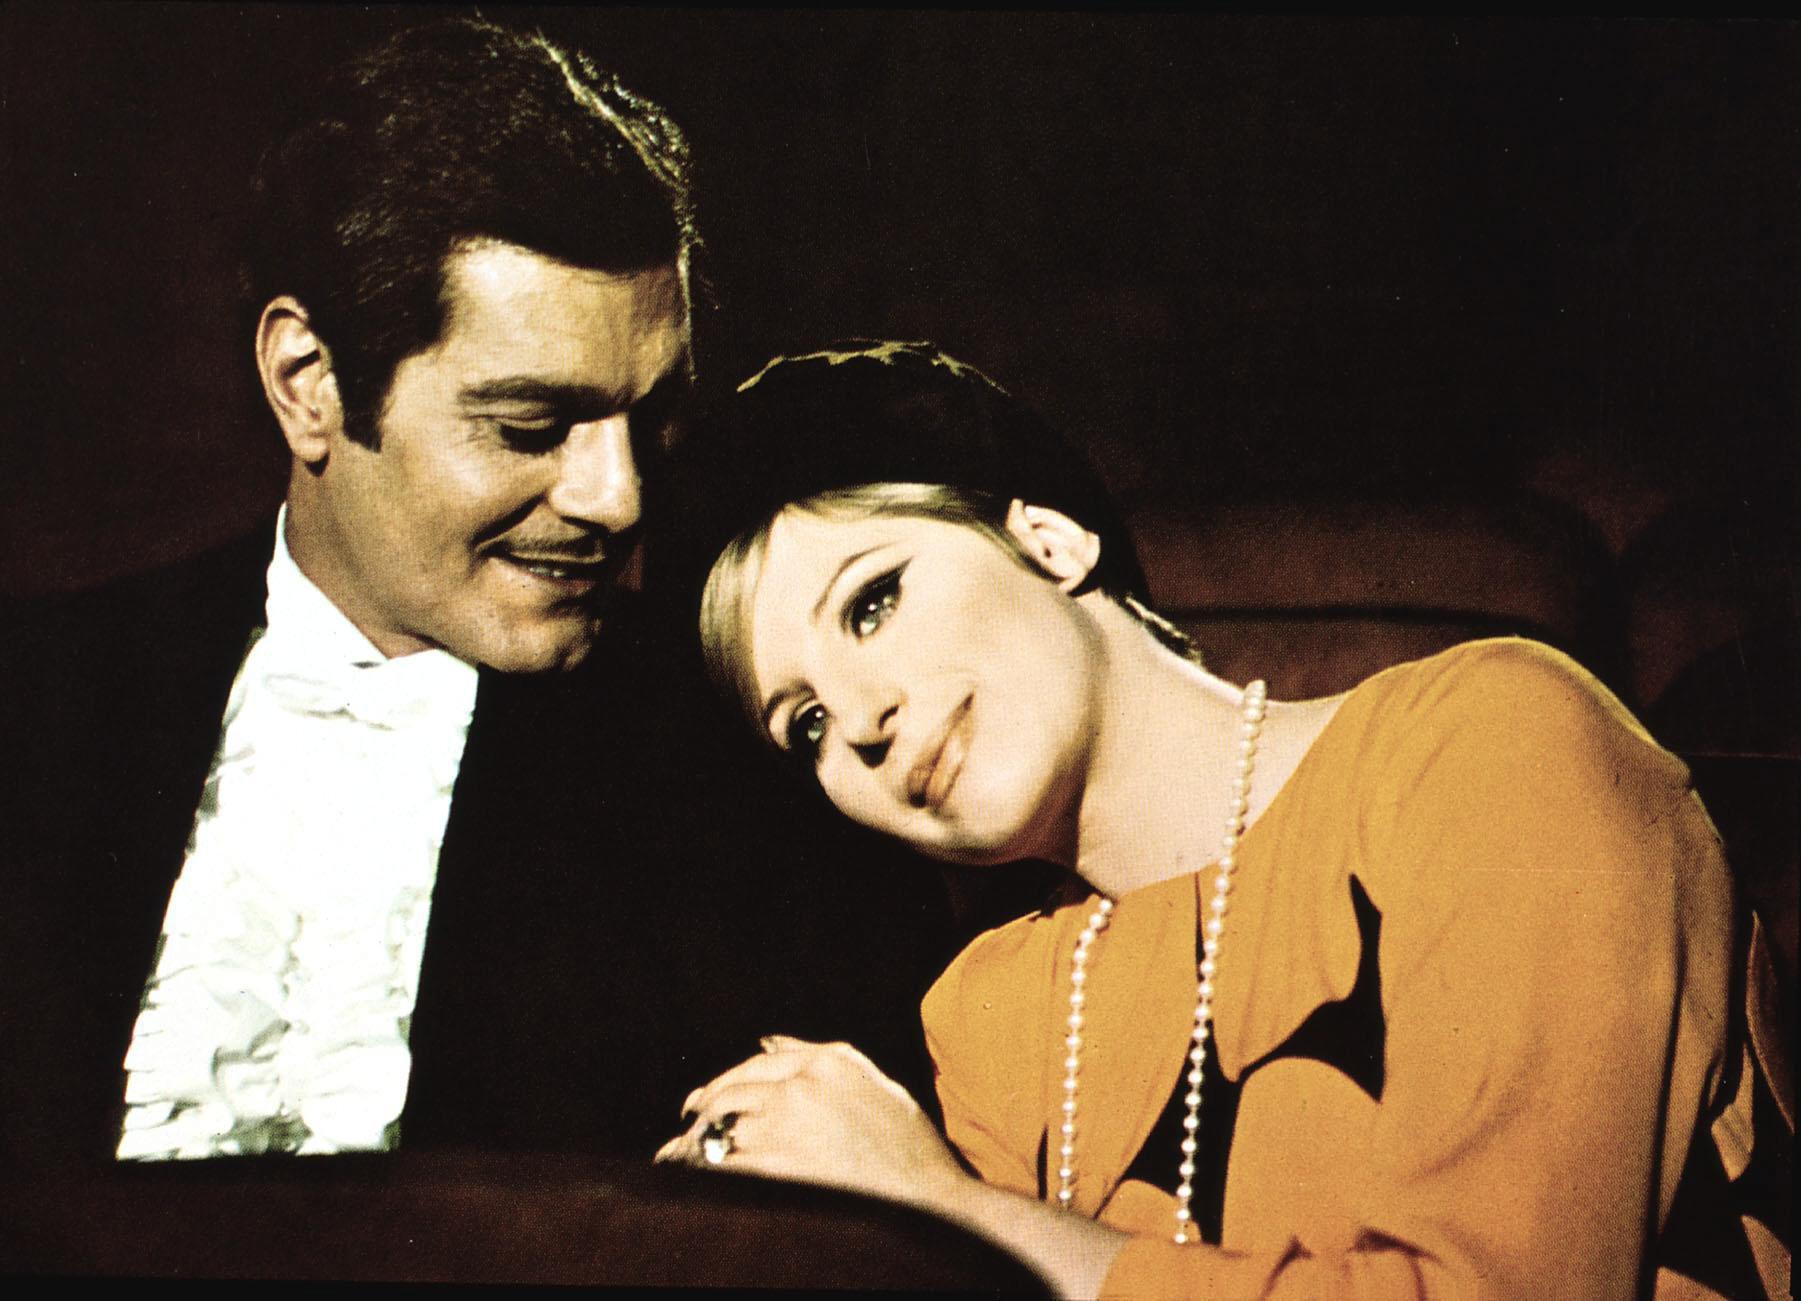 Funny Girl  (1968) Omar Sharif, Barbra Streisand Fanny (Barbra Streisand) heiratet den Spieler Nick Arnstein (Omar Sharif), d